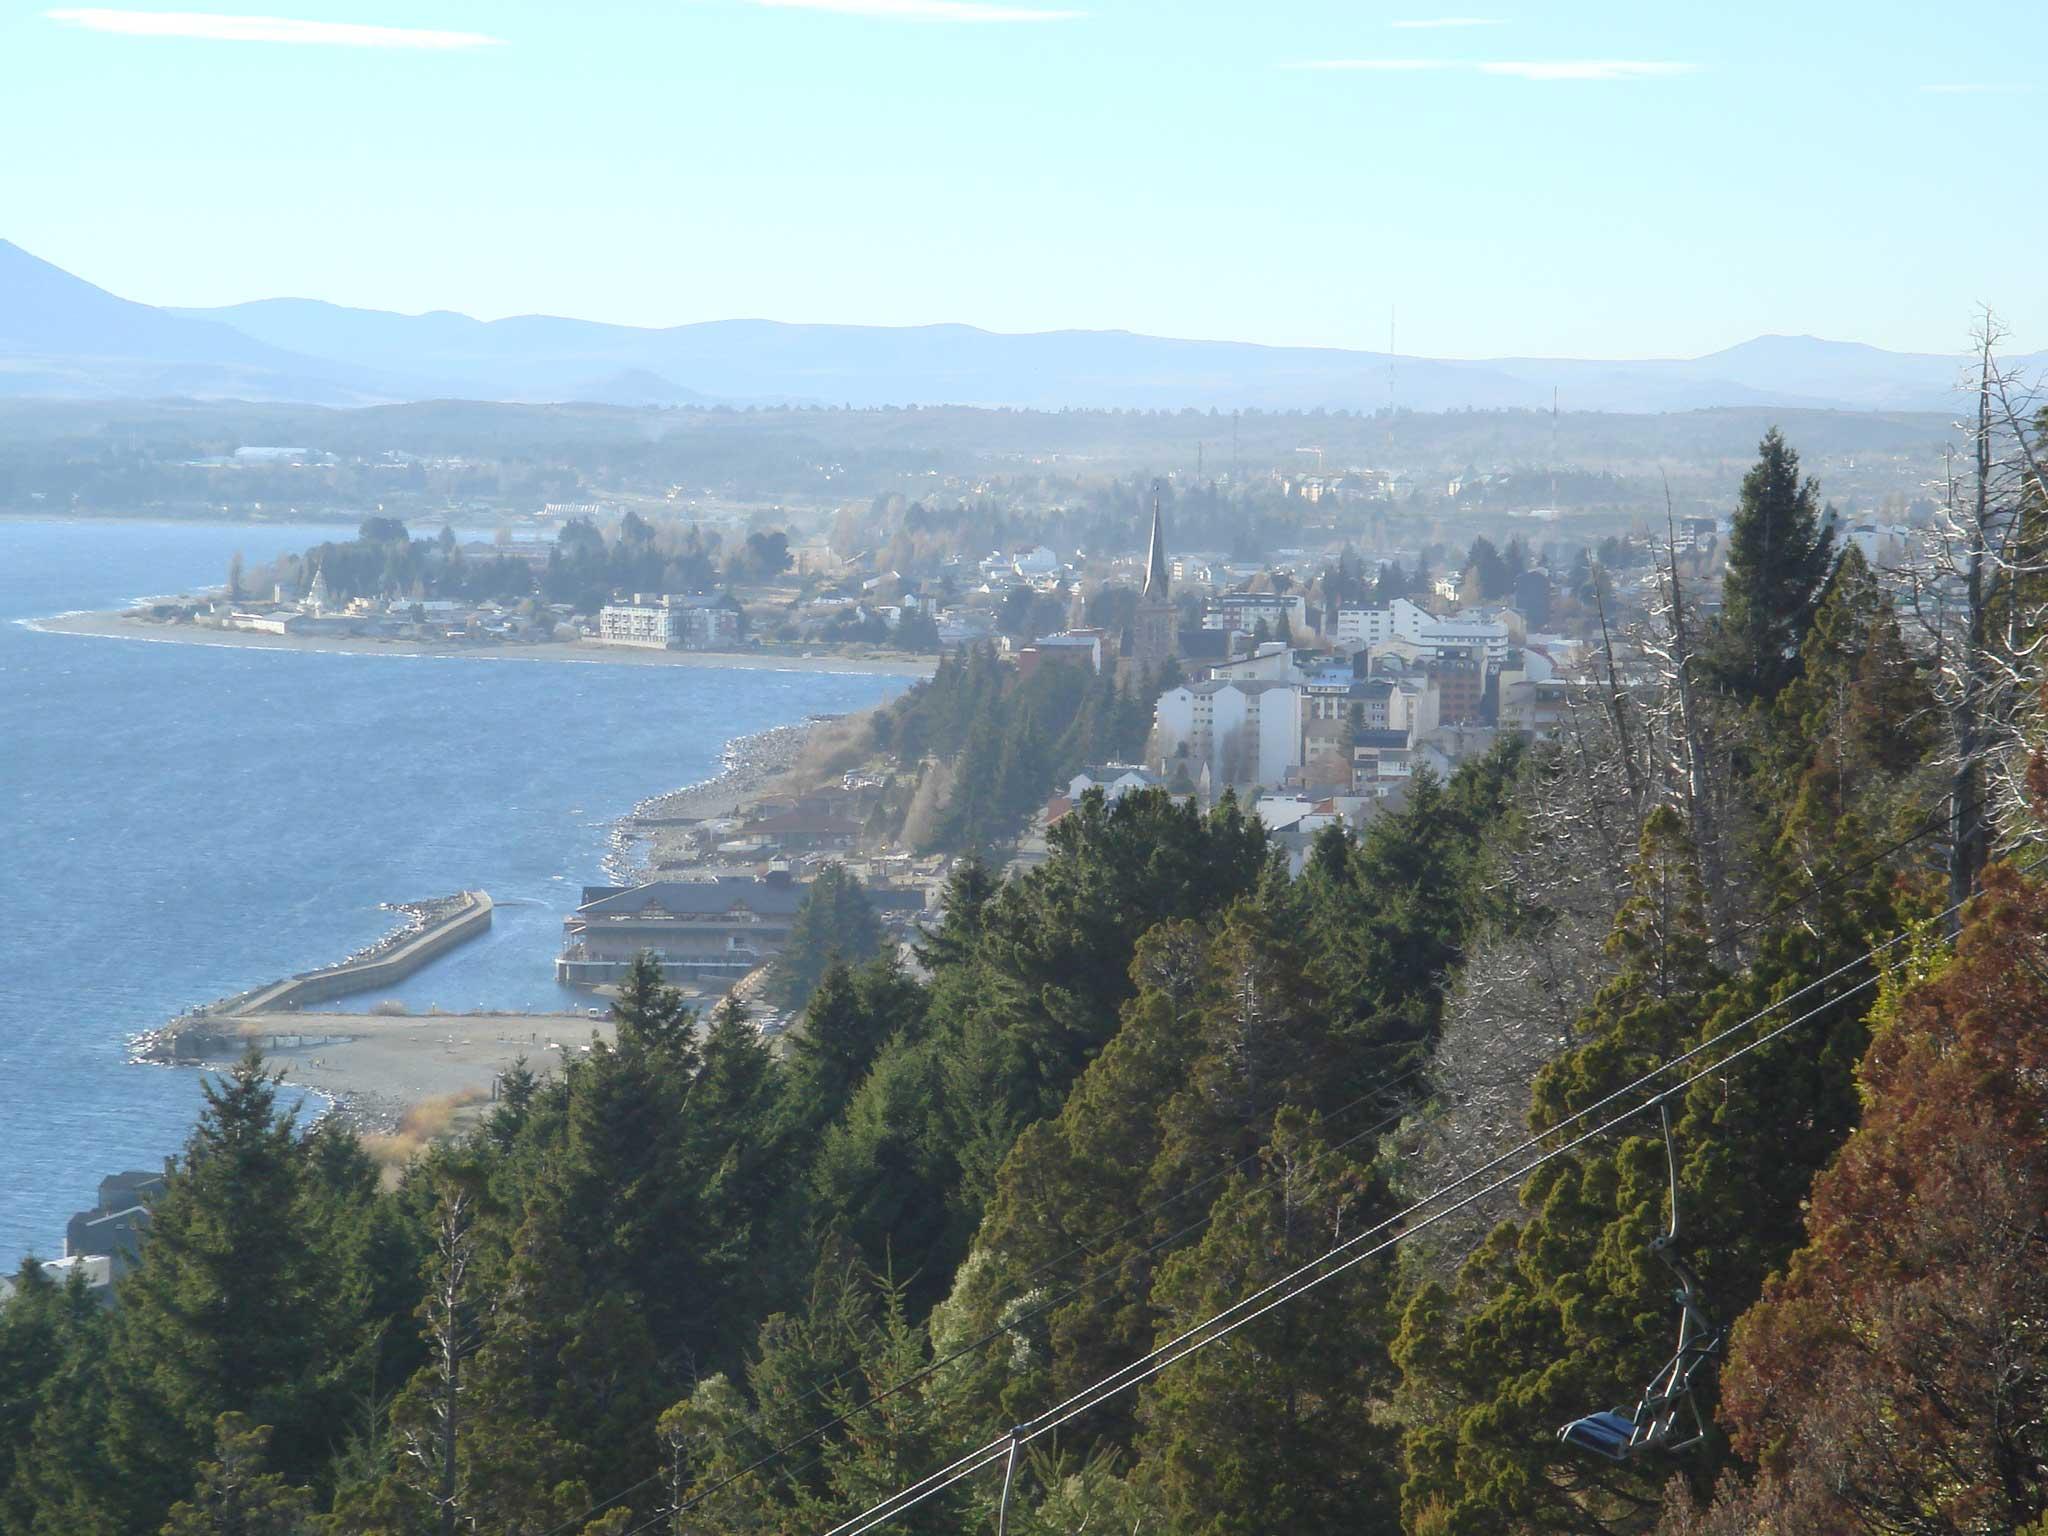 Vista da cidade no alto do Cerro Viejo